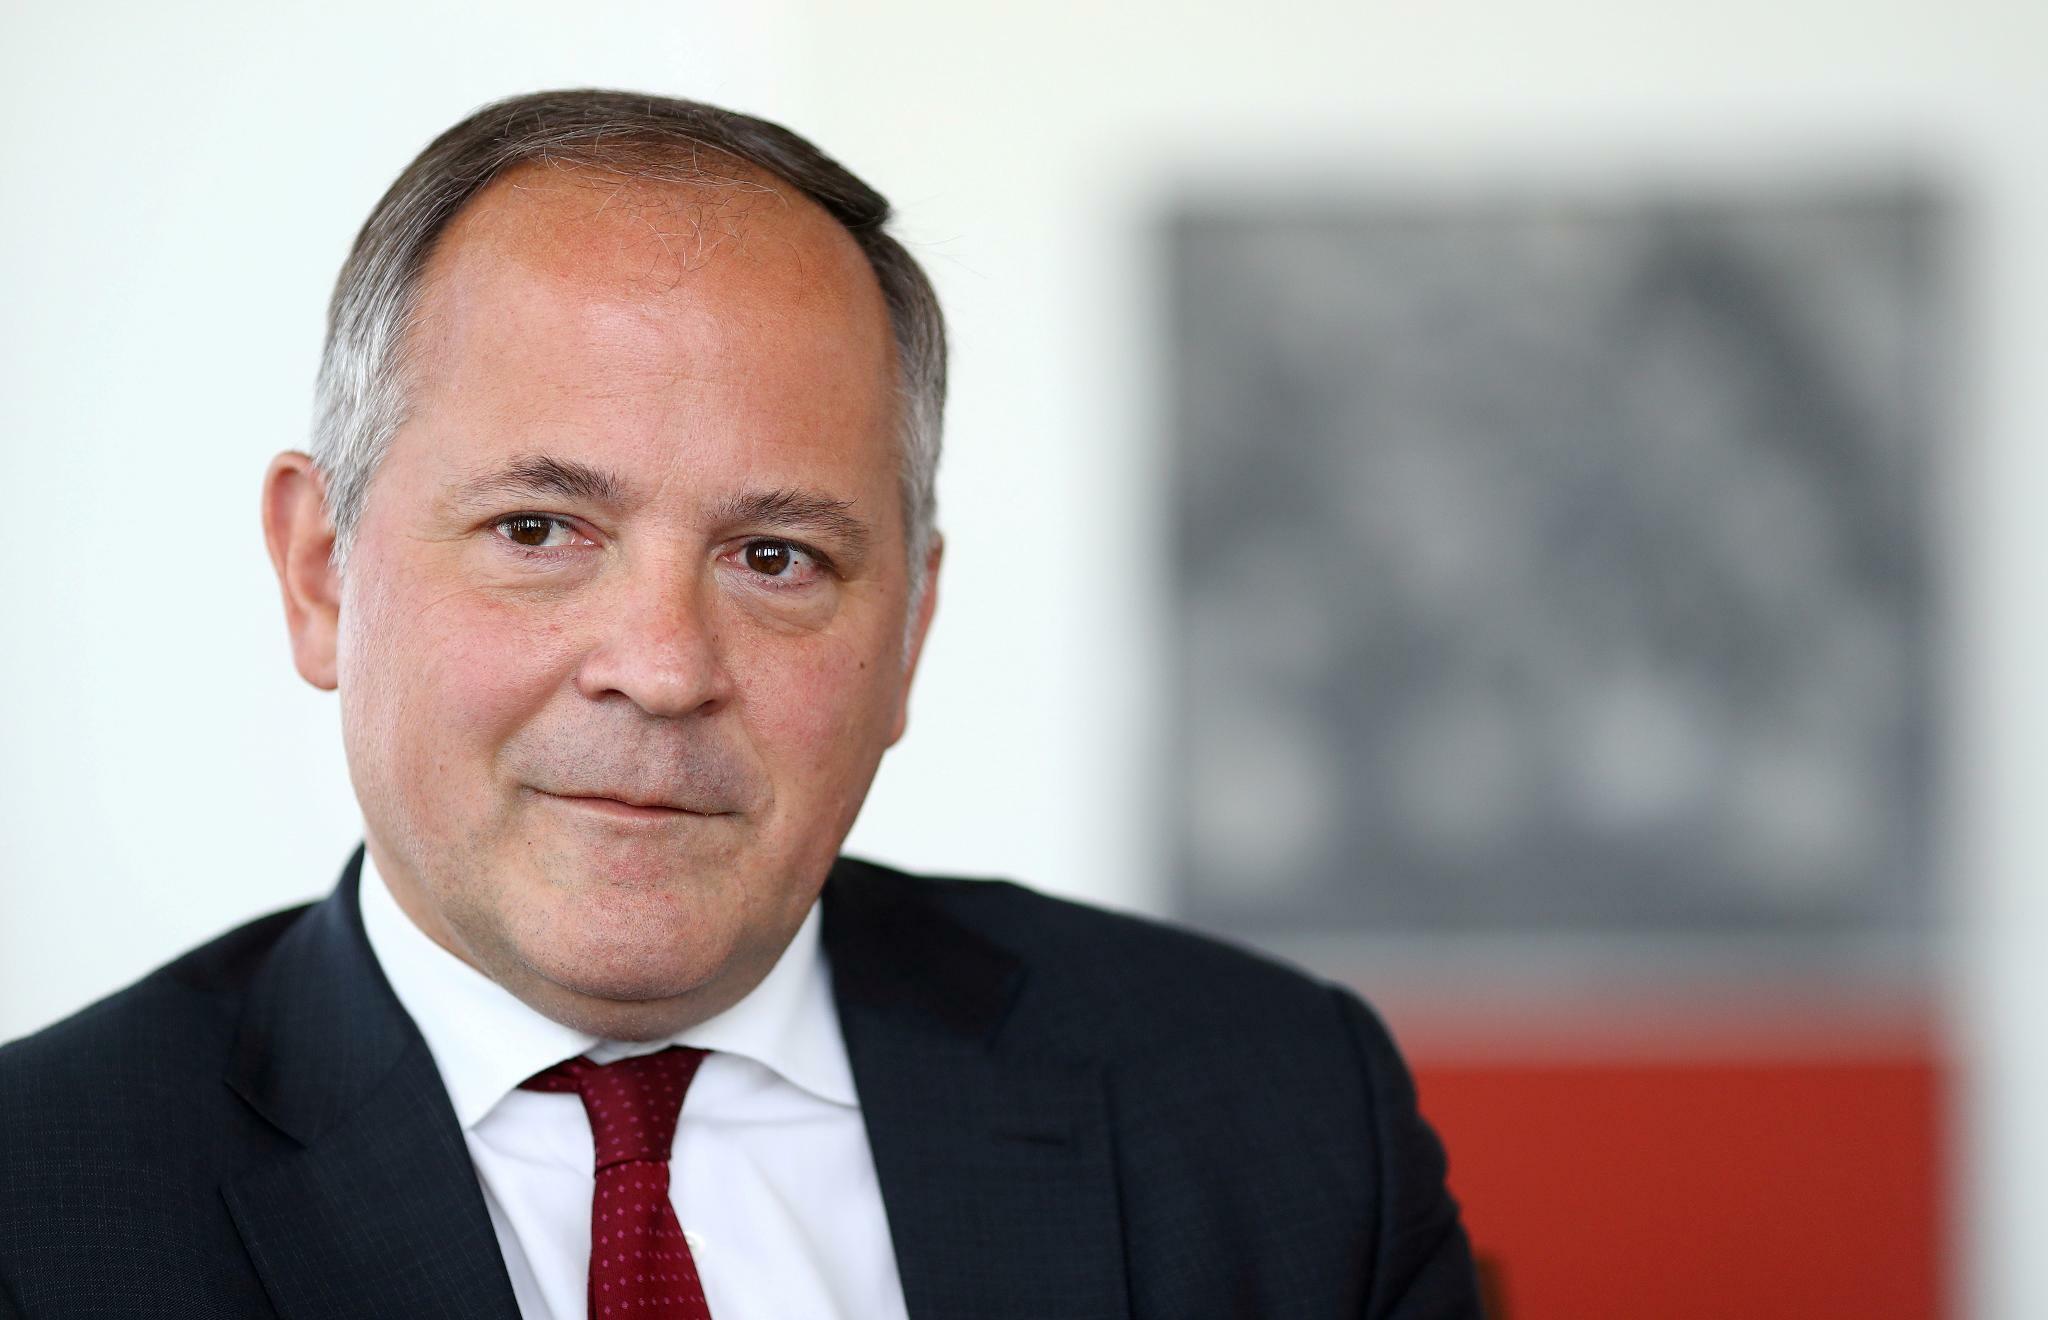 Digitalwährung: Aufseher planen laut EZB-Direktor Coeure kein Verbot von Libra